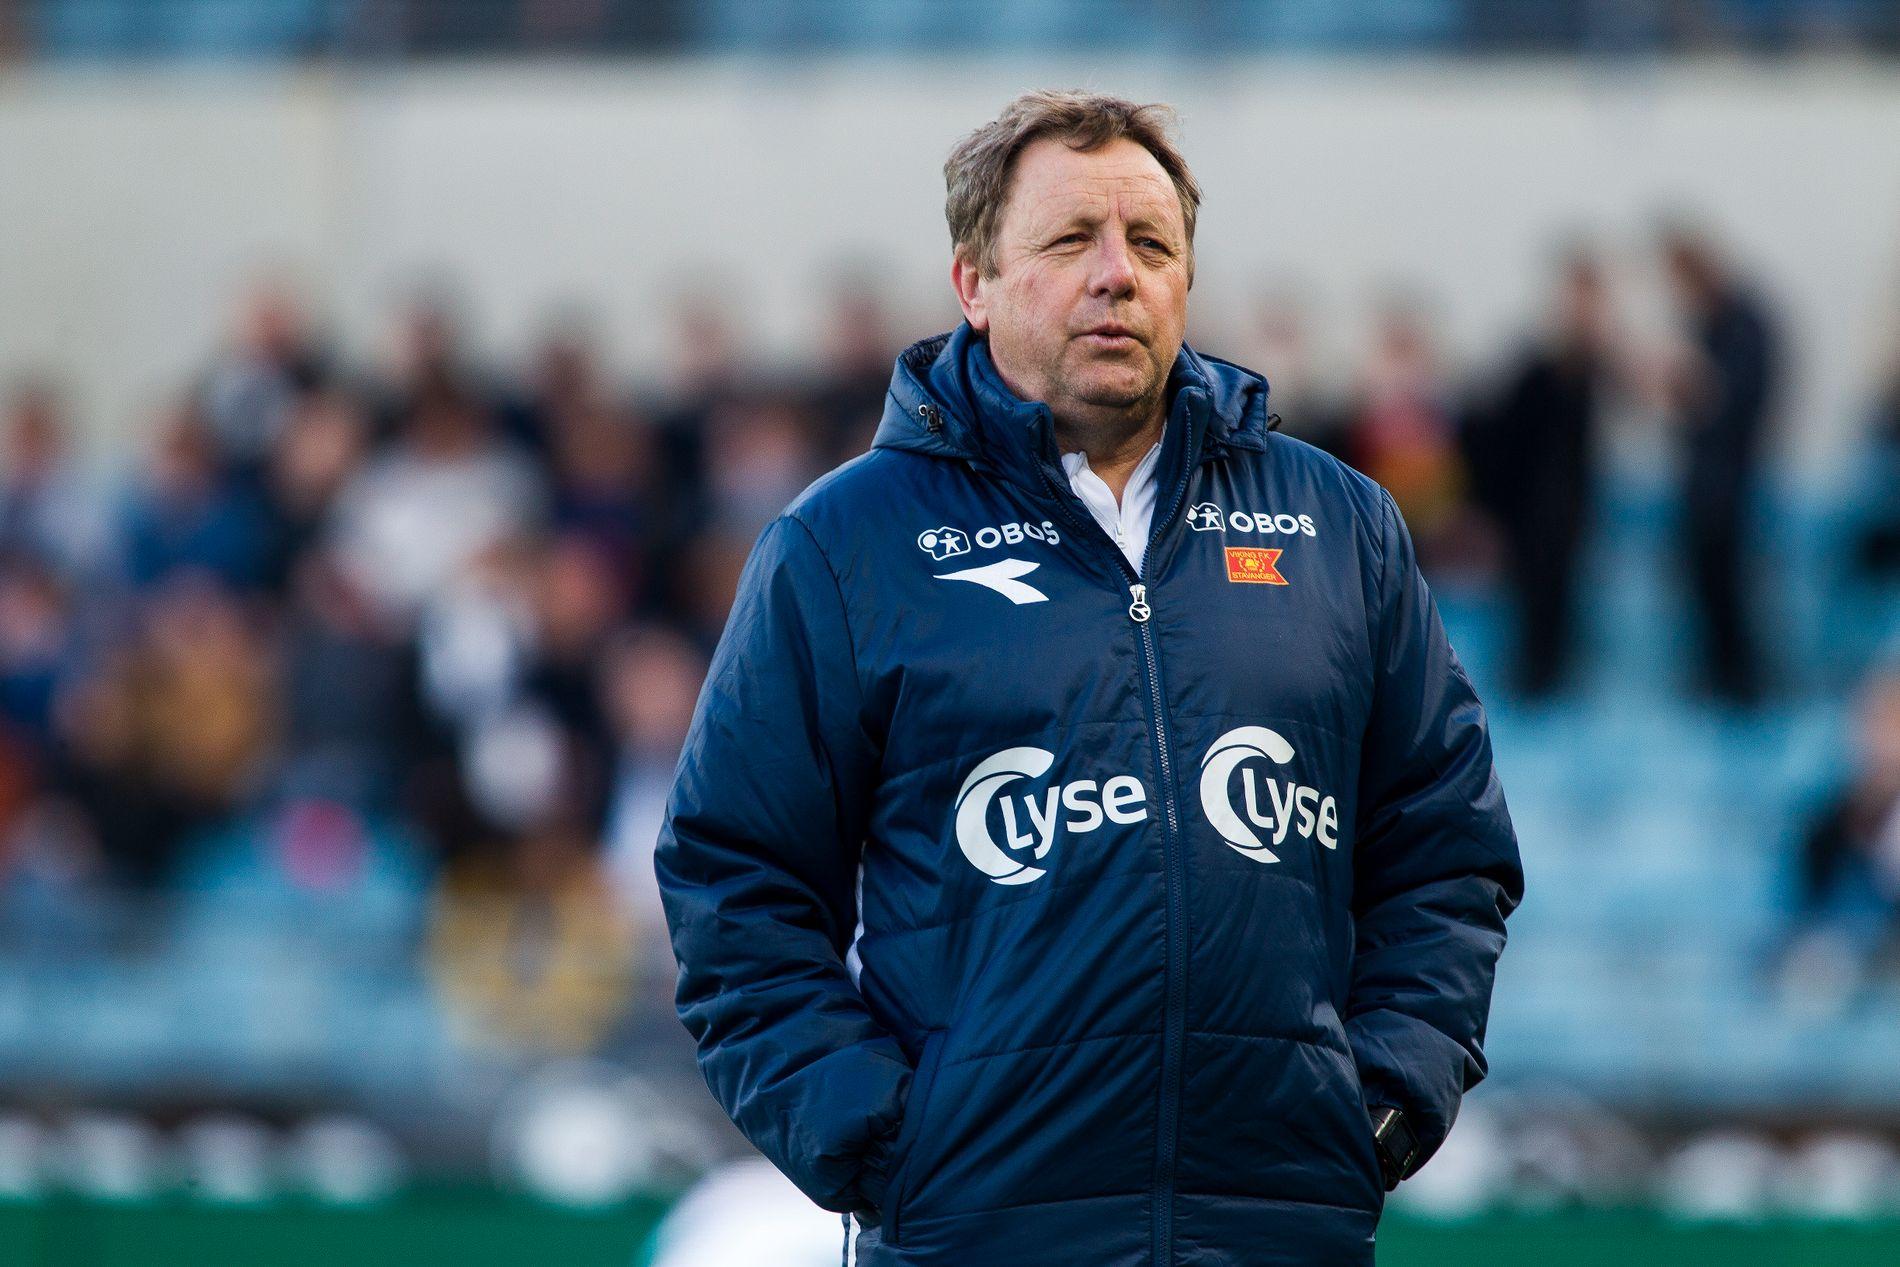 NY UTFORDRING: Viking-trener Bjarne Berntsen avbildet på SR-Bank Arena.